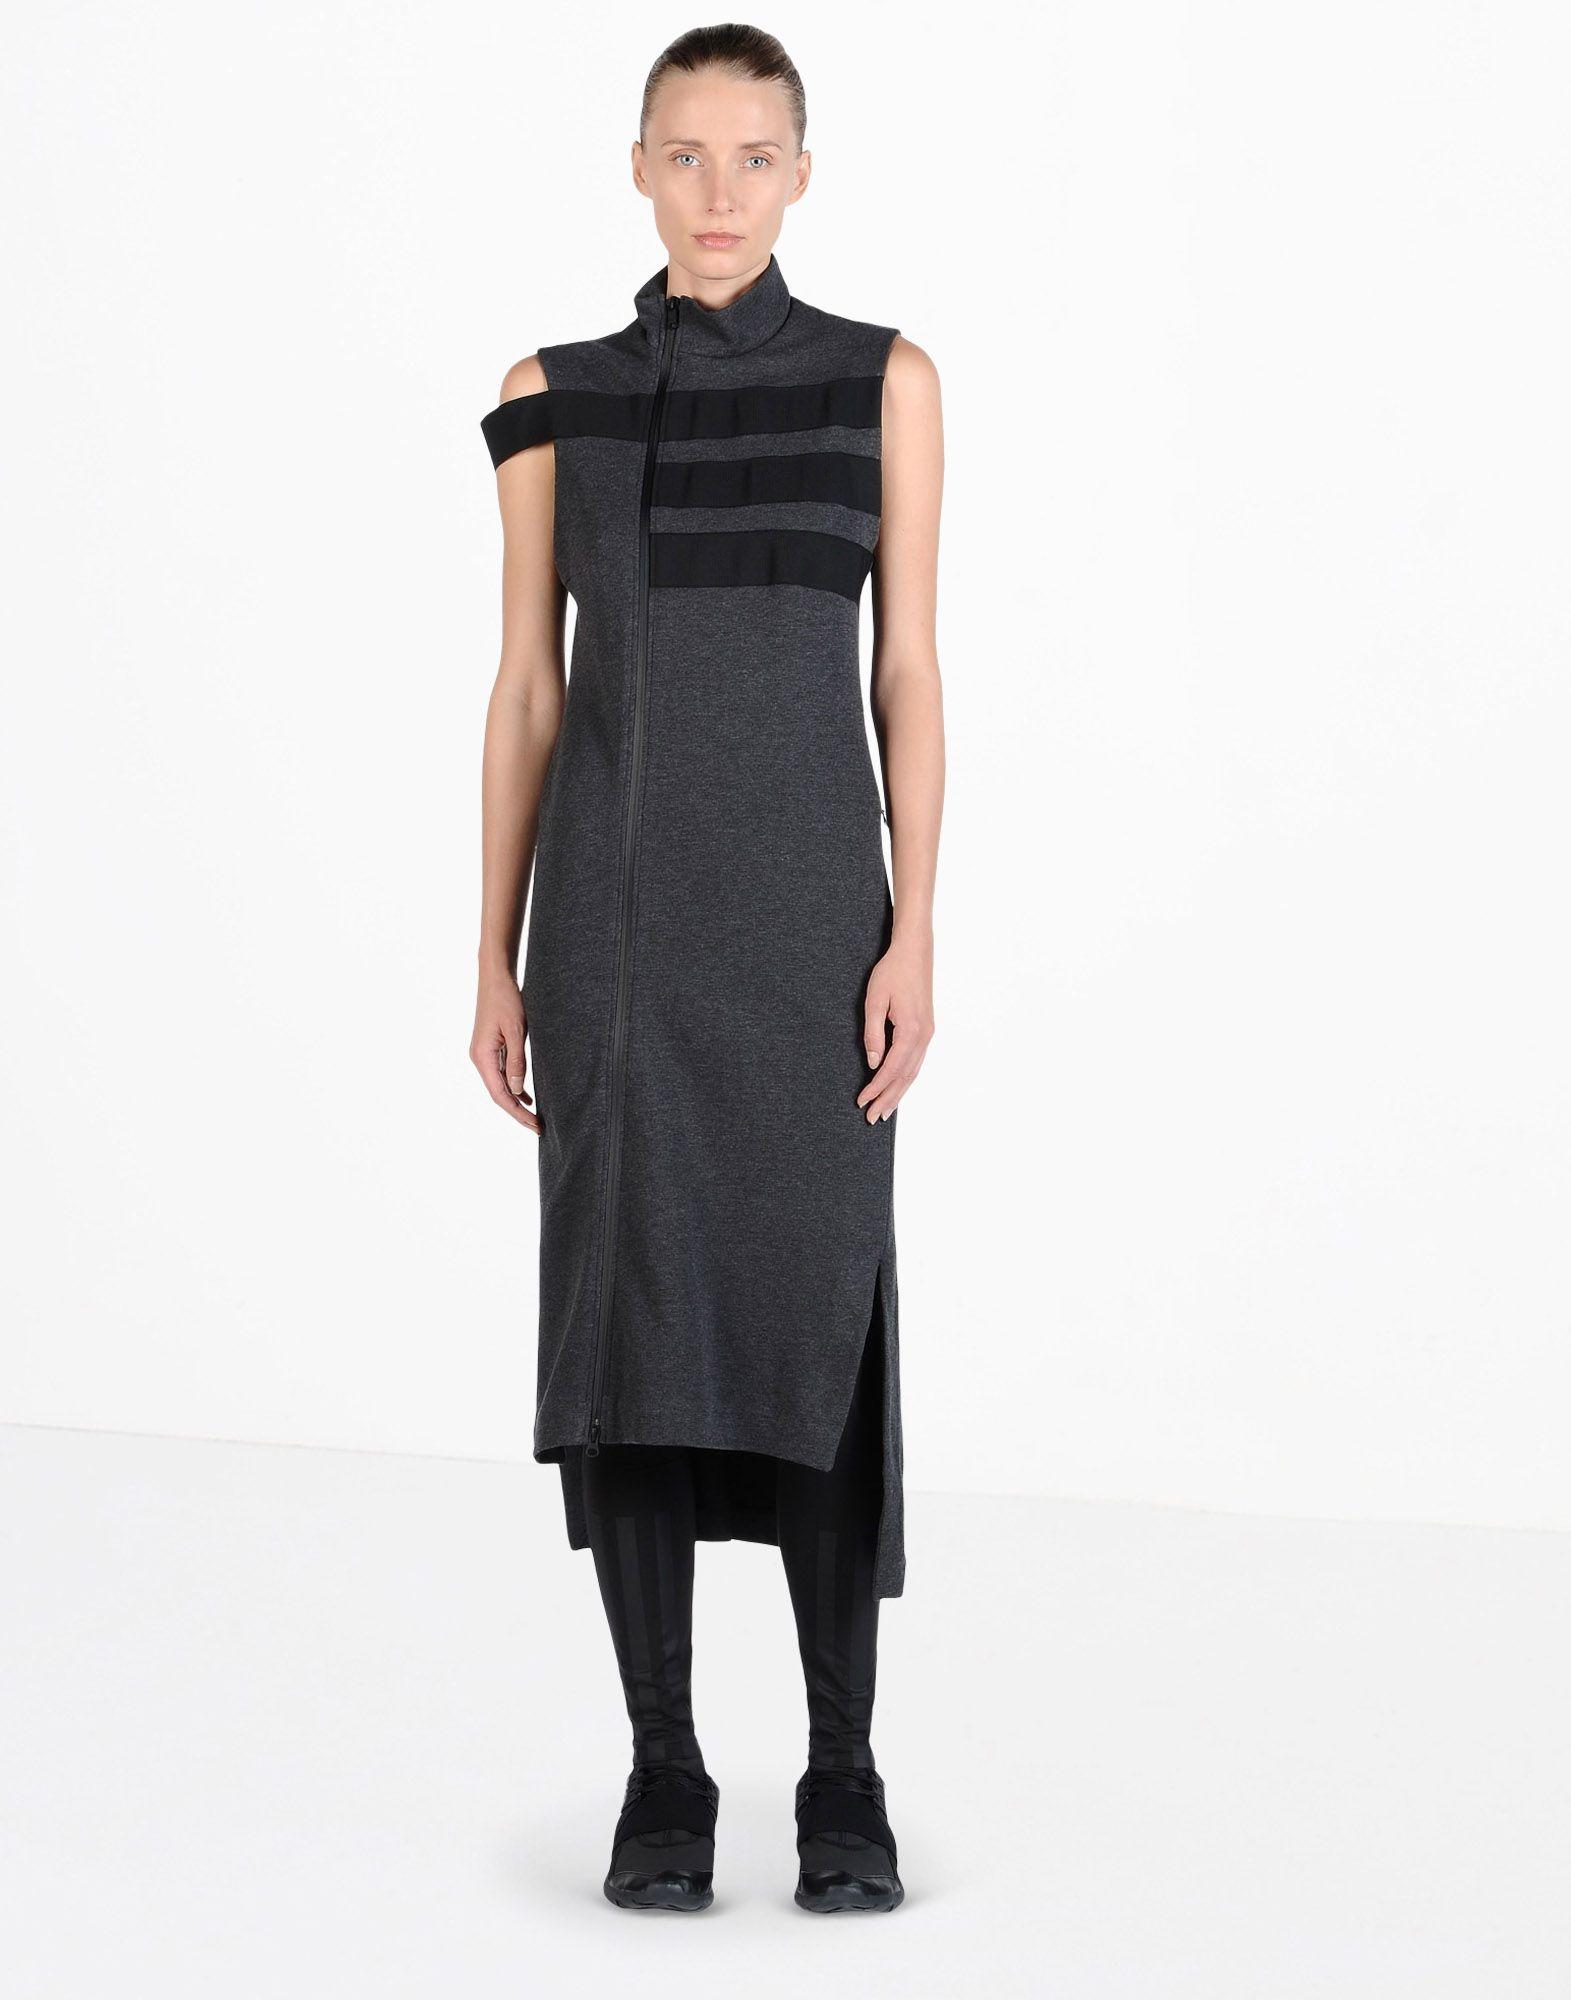 ec962006595 Y 3 3 STRIPES TRACK DRESS Dresses | Adidas Y-3 Official ...